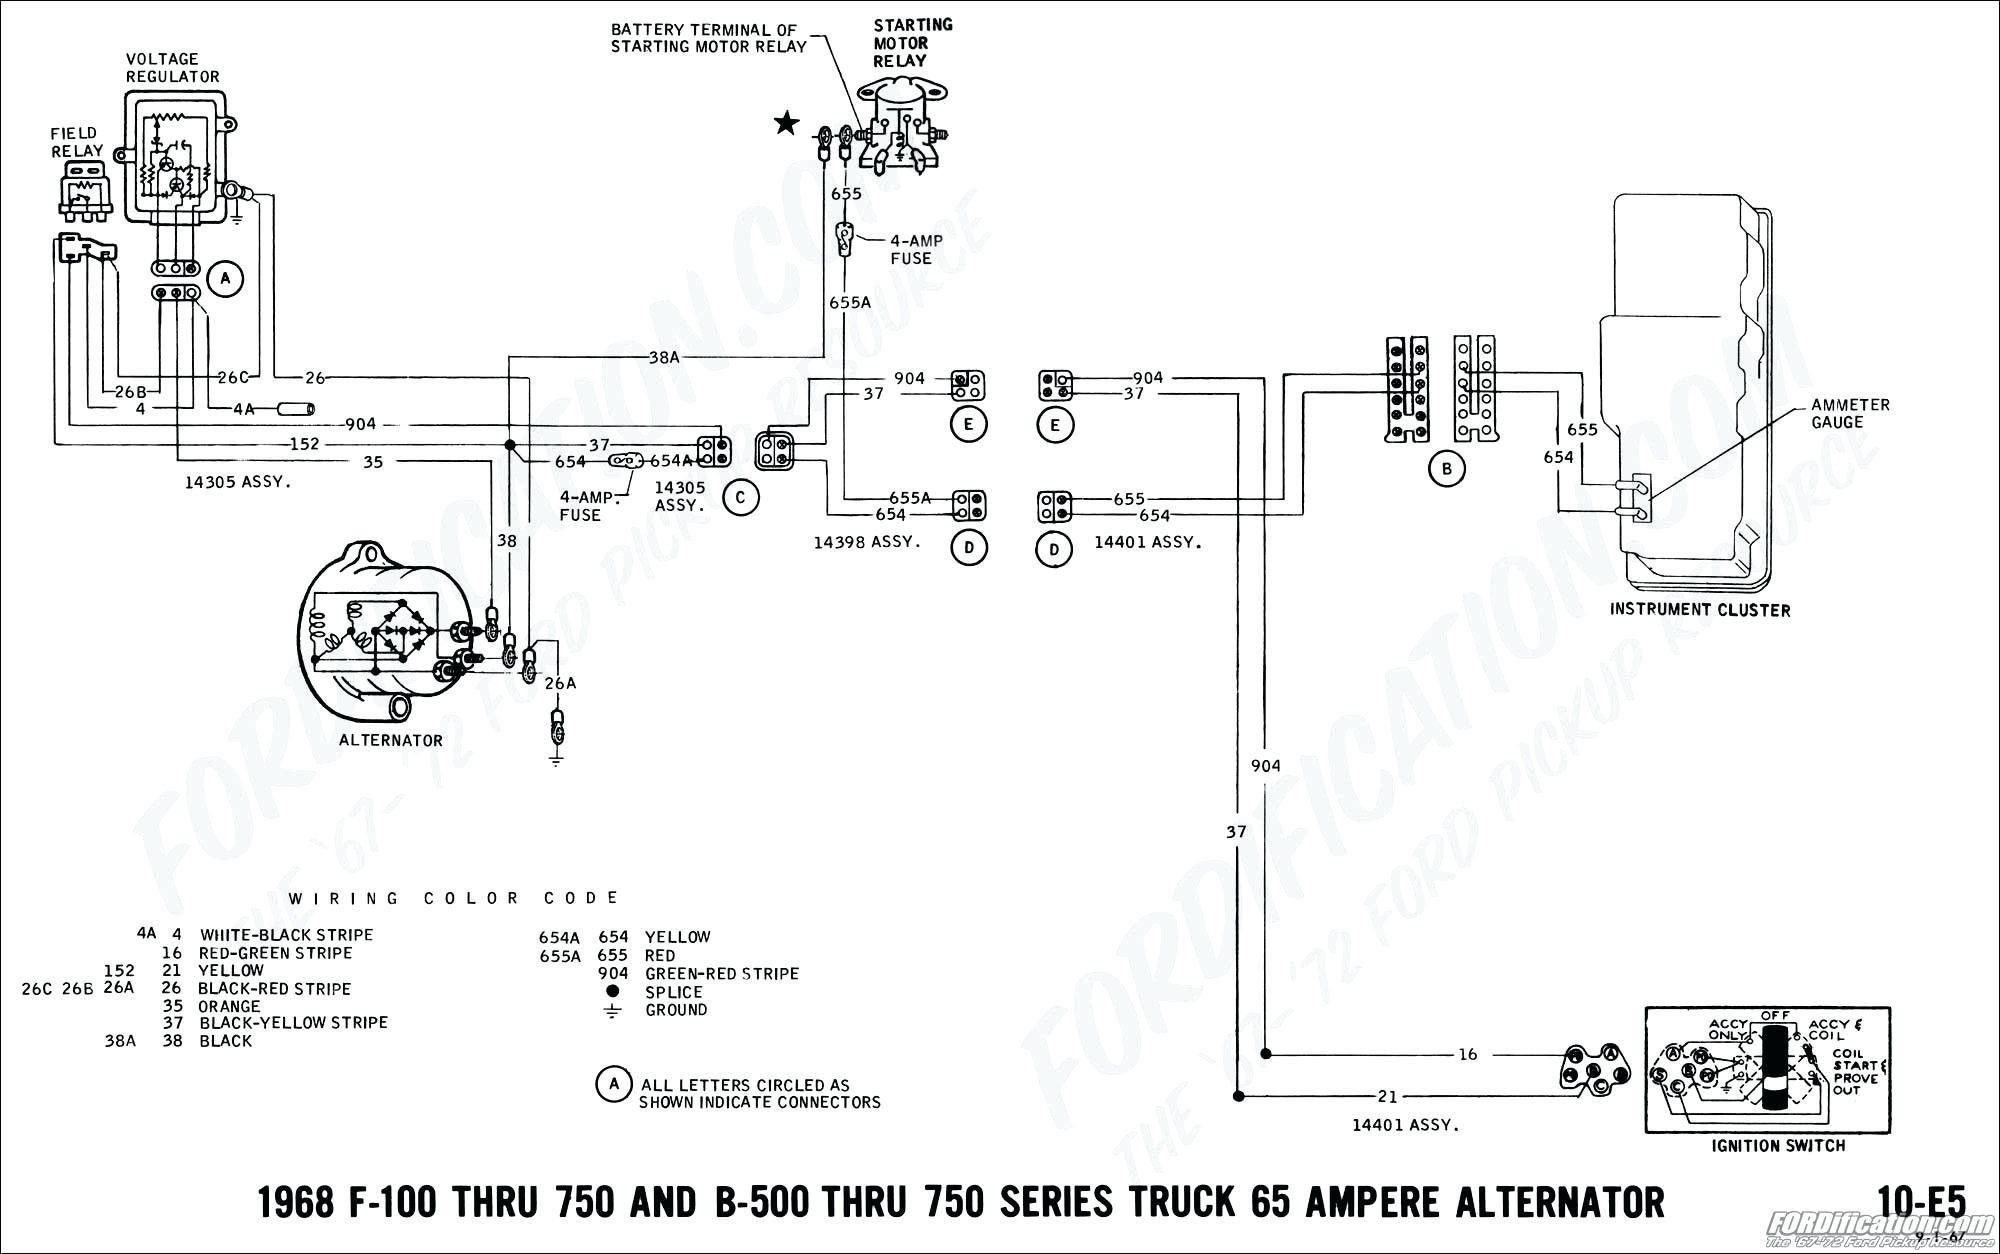 1969 ford 3 Wire Alternator Diagram 1779 Best Diagram Sample Images Of 1969 ford 3 Wire Alternator Diagram